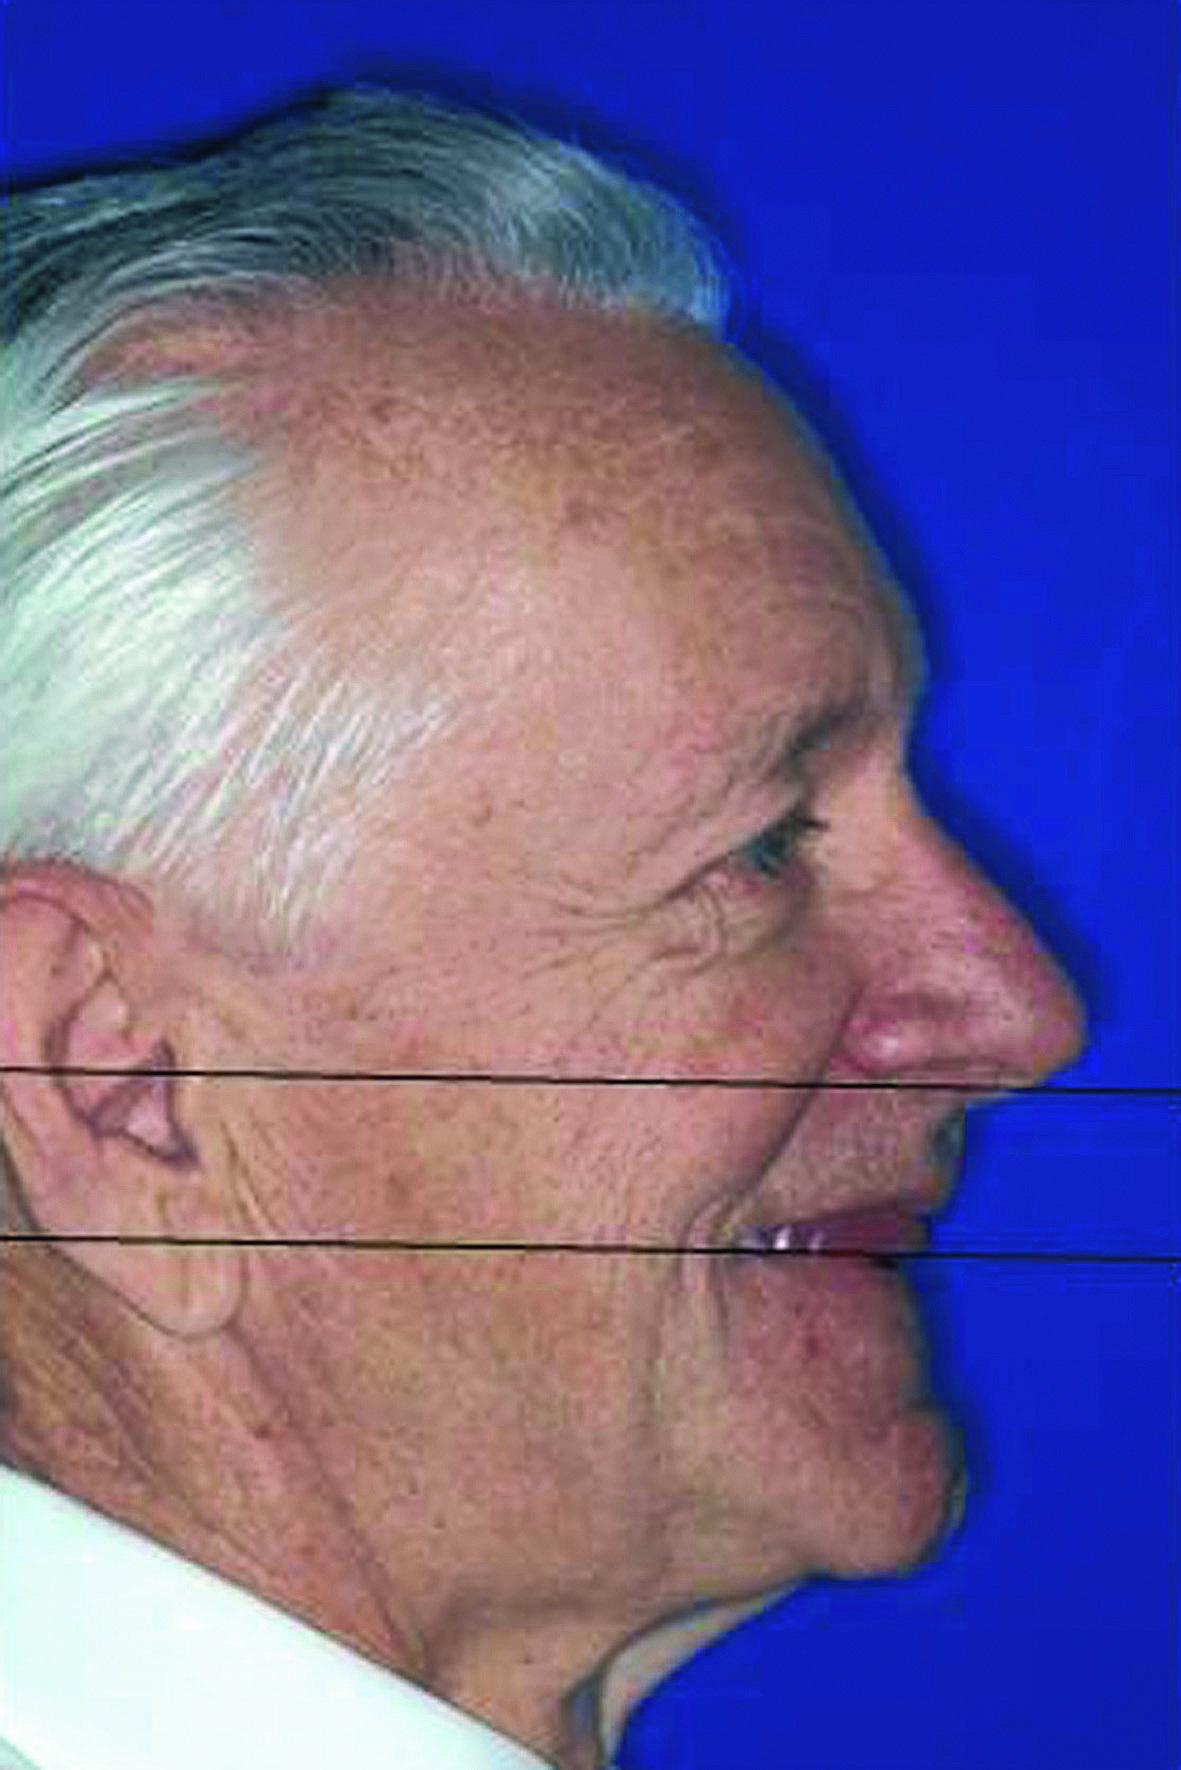 Рис. 3. Расположение воскового валика на верхнюю челюсть параллельно Камперовской плоскости (верхний край наружного слухового прохода — Spina nasalis anterior).